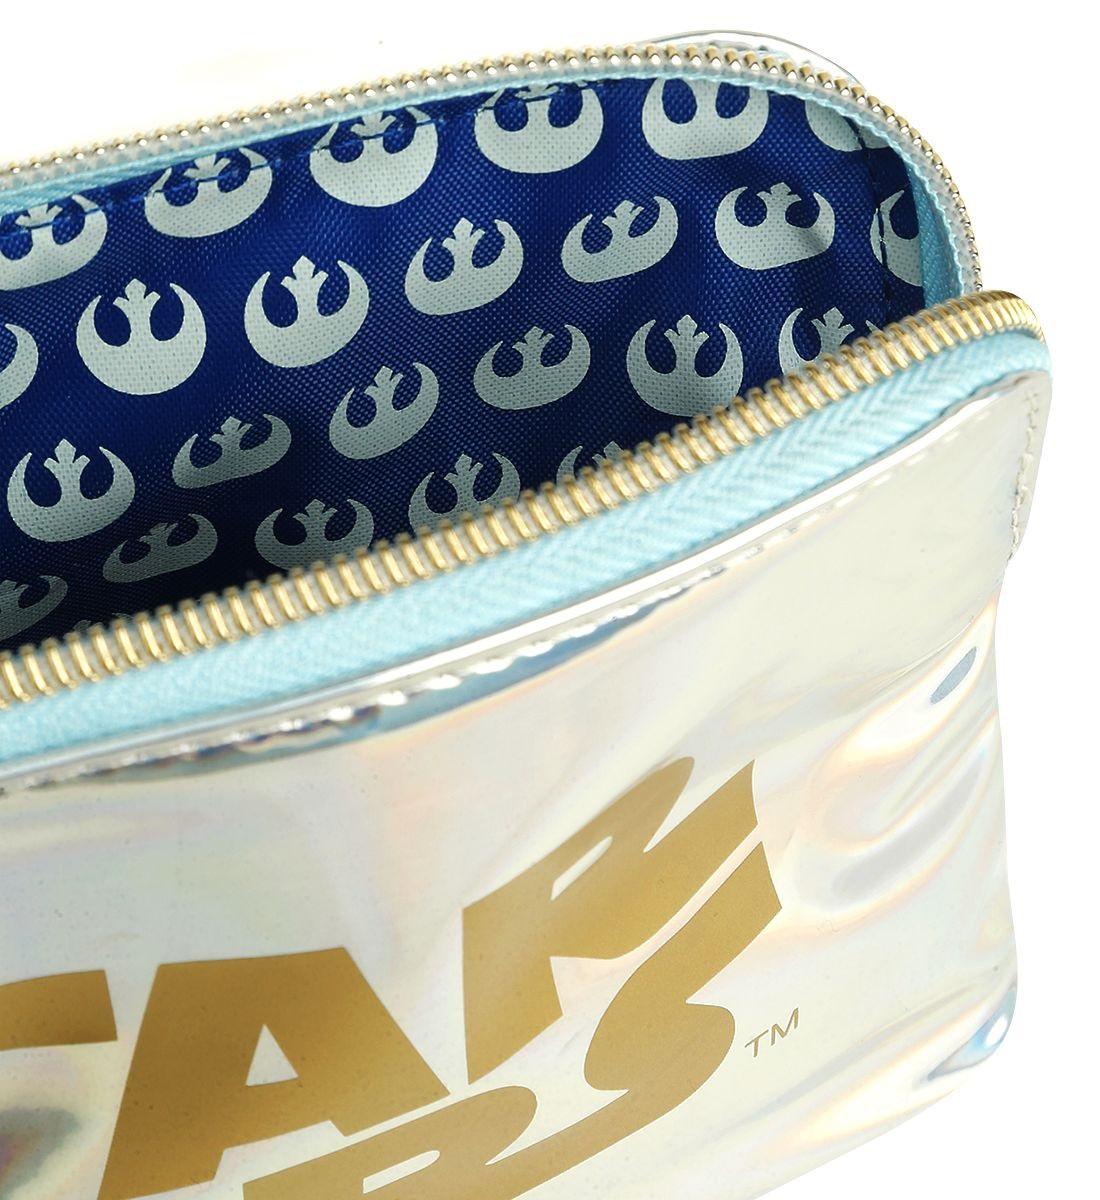 Star Wars Princess Leia Makeup Bag at EMP Online